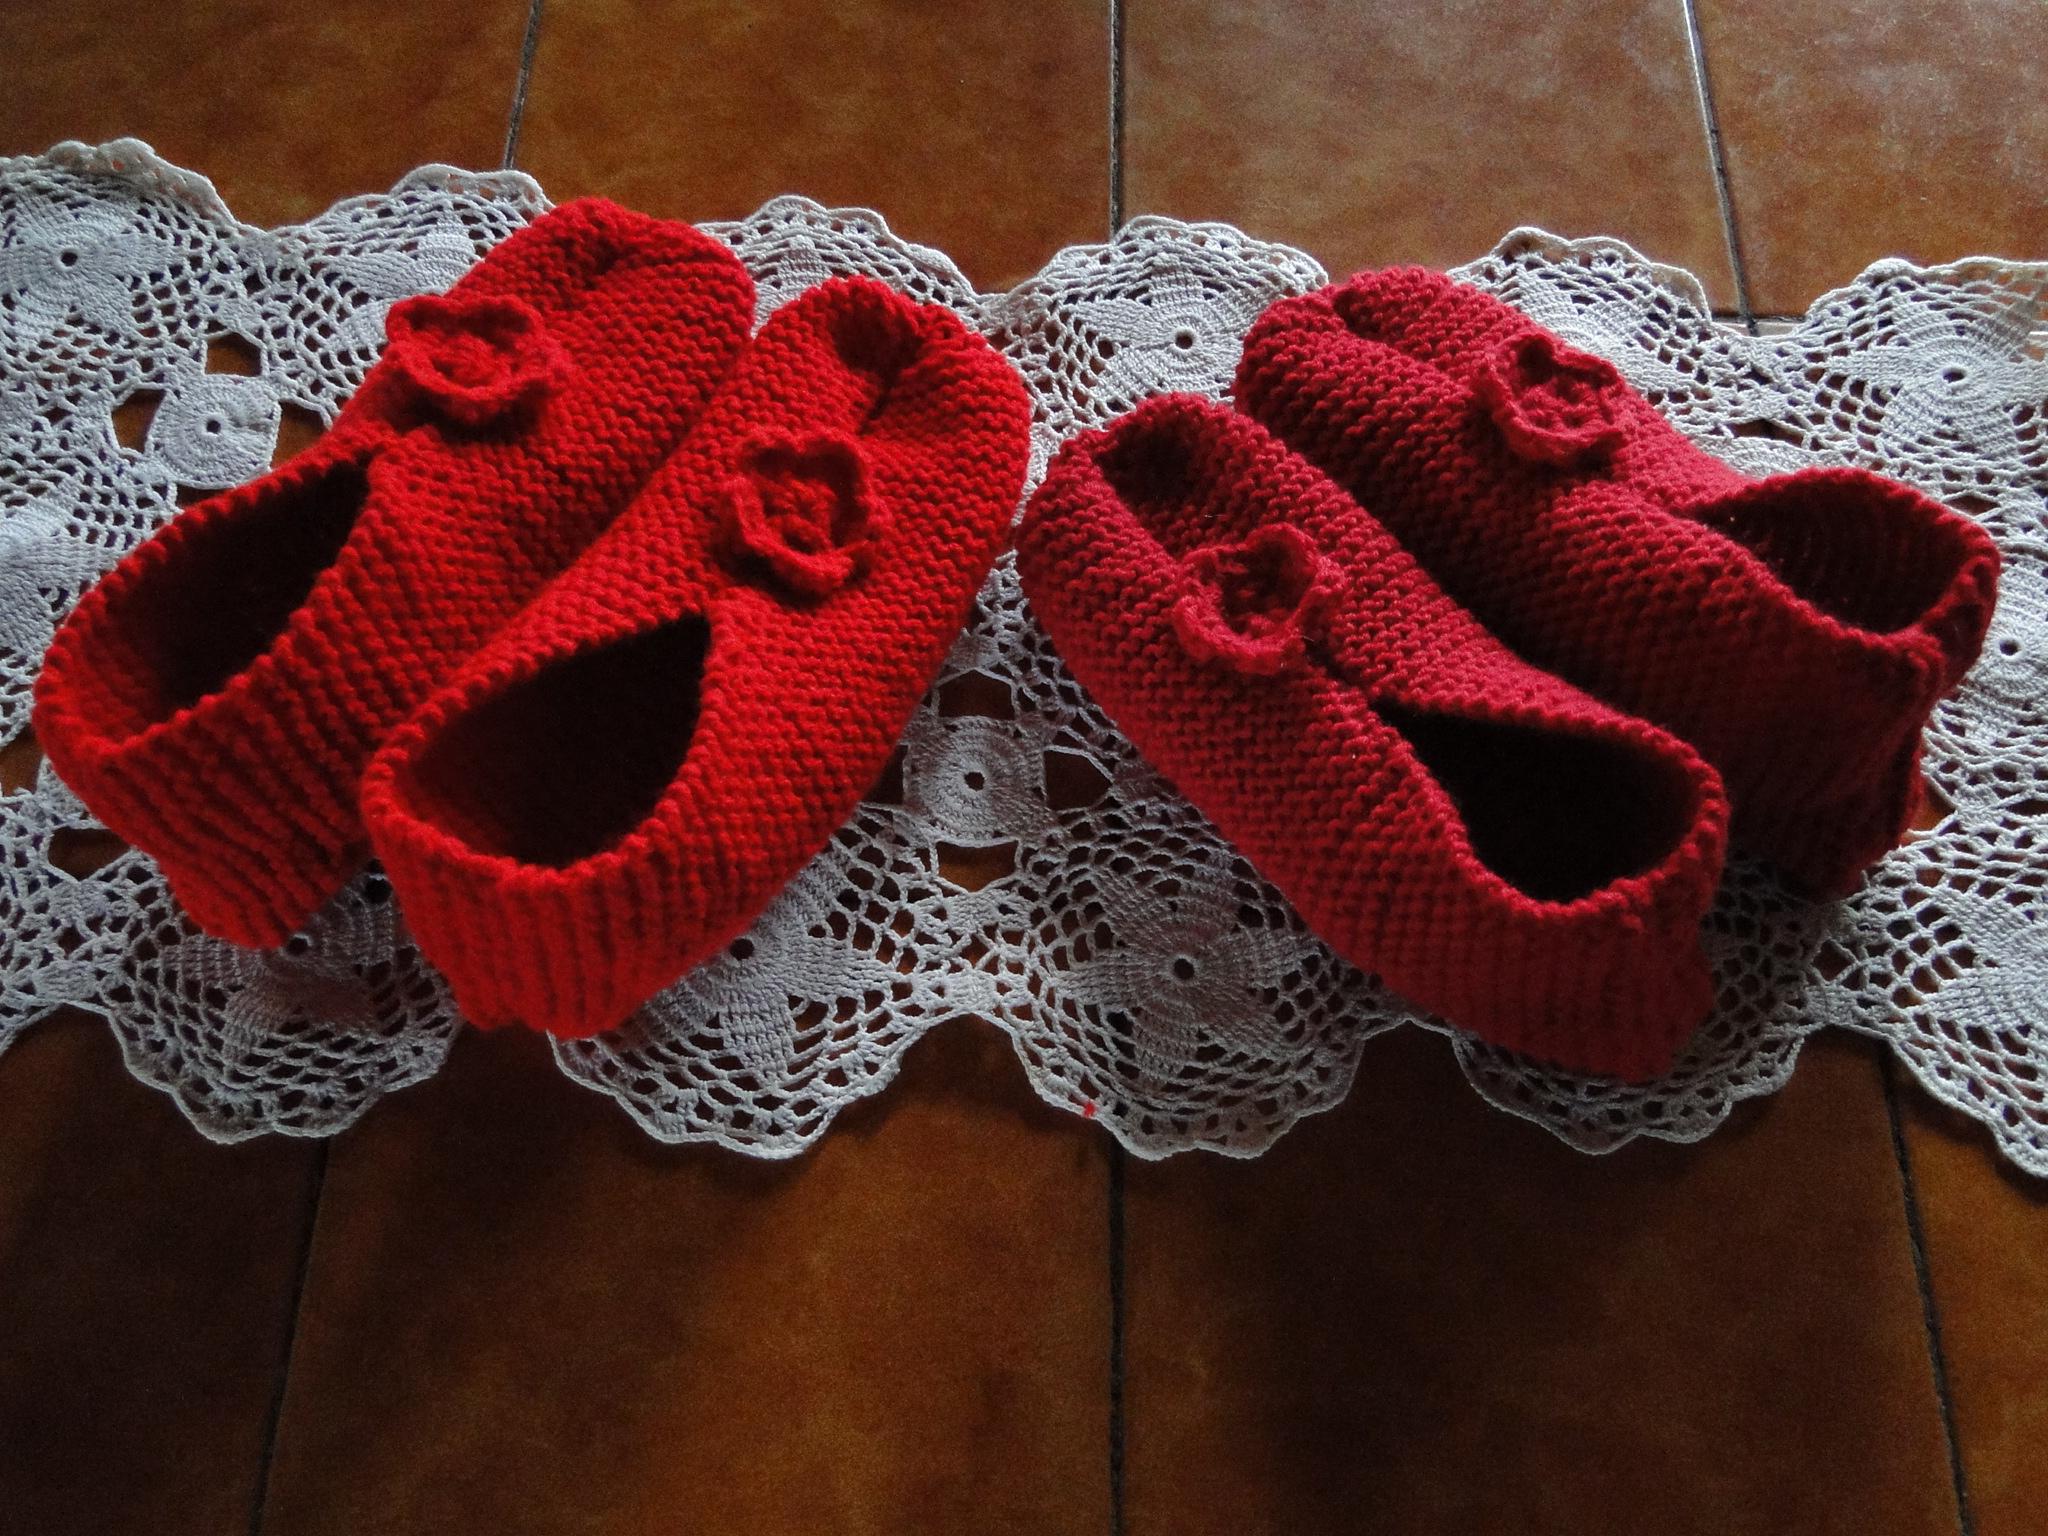 Chaussons adultes facile a faire activit s cr atives - Tricoter des mitaines facile ...